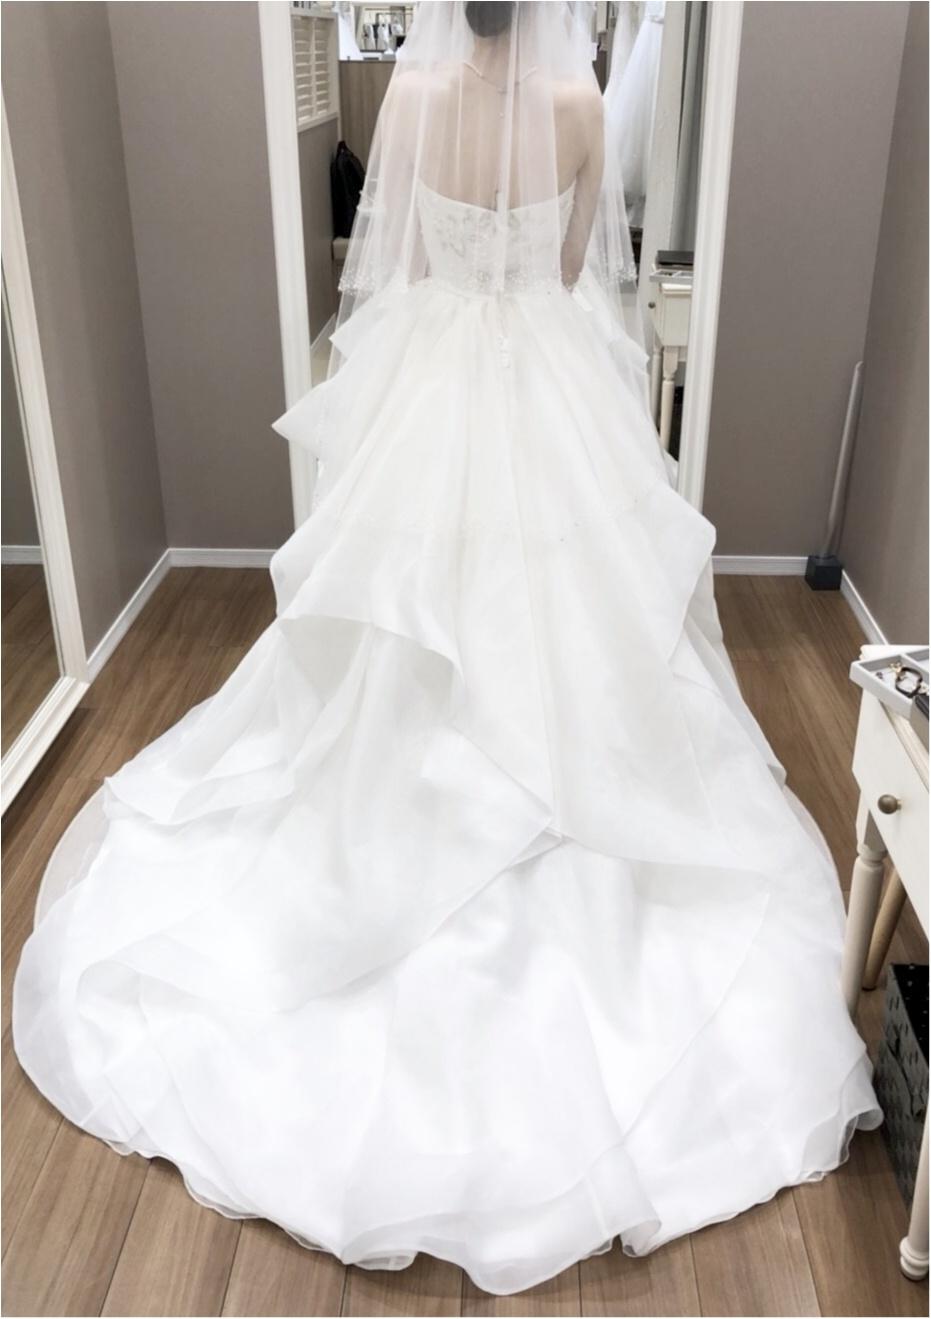 結婚式特集《ウェディングドレス編》- 20代に人気の種類やブランドは?_15